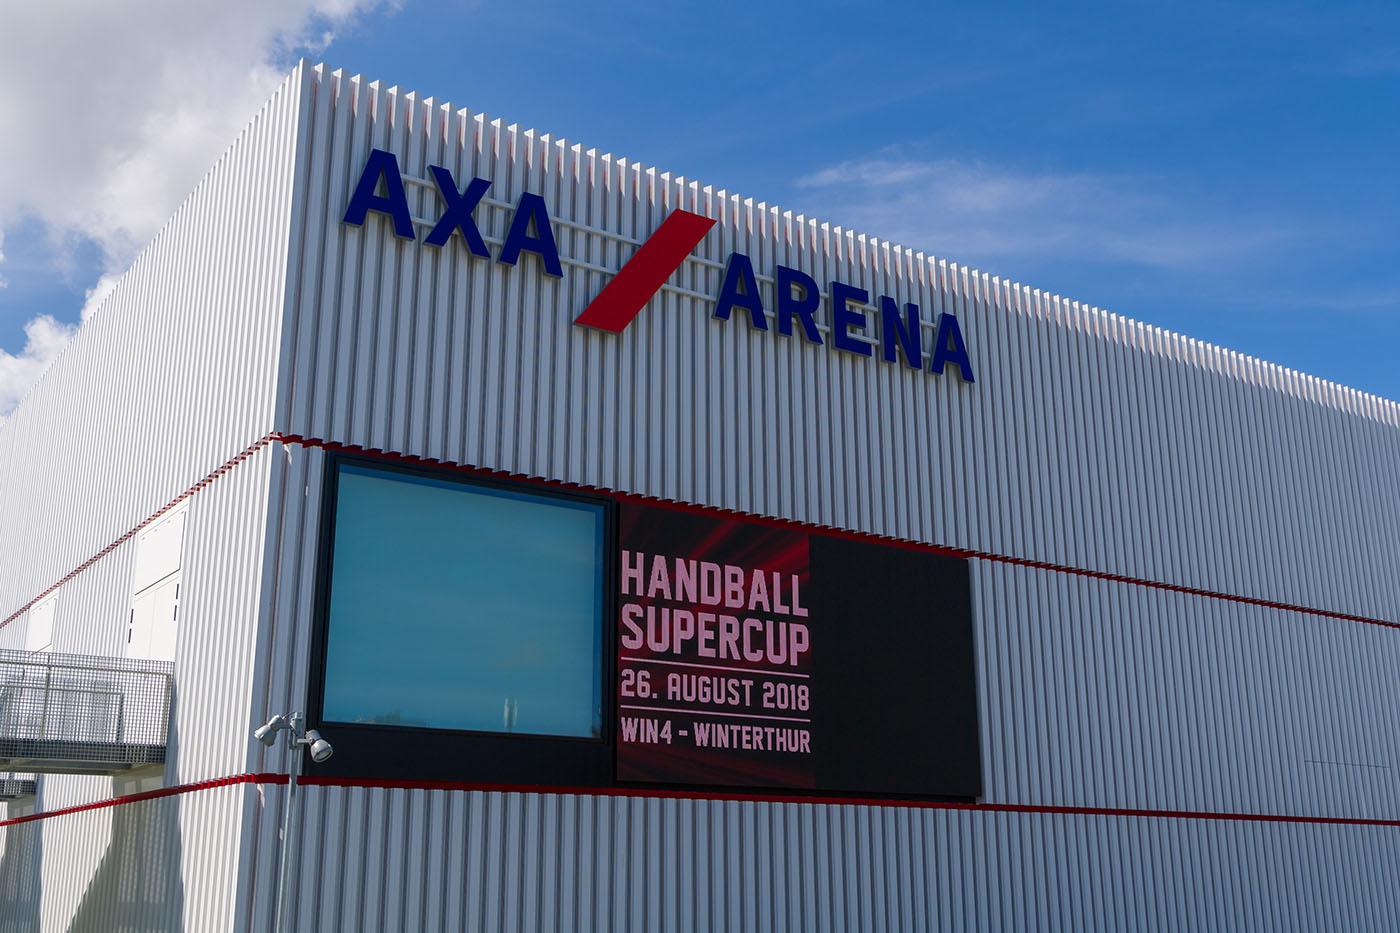 180826_0170_SHV_AXA-Arena_Kids-Day_deuring